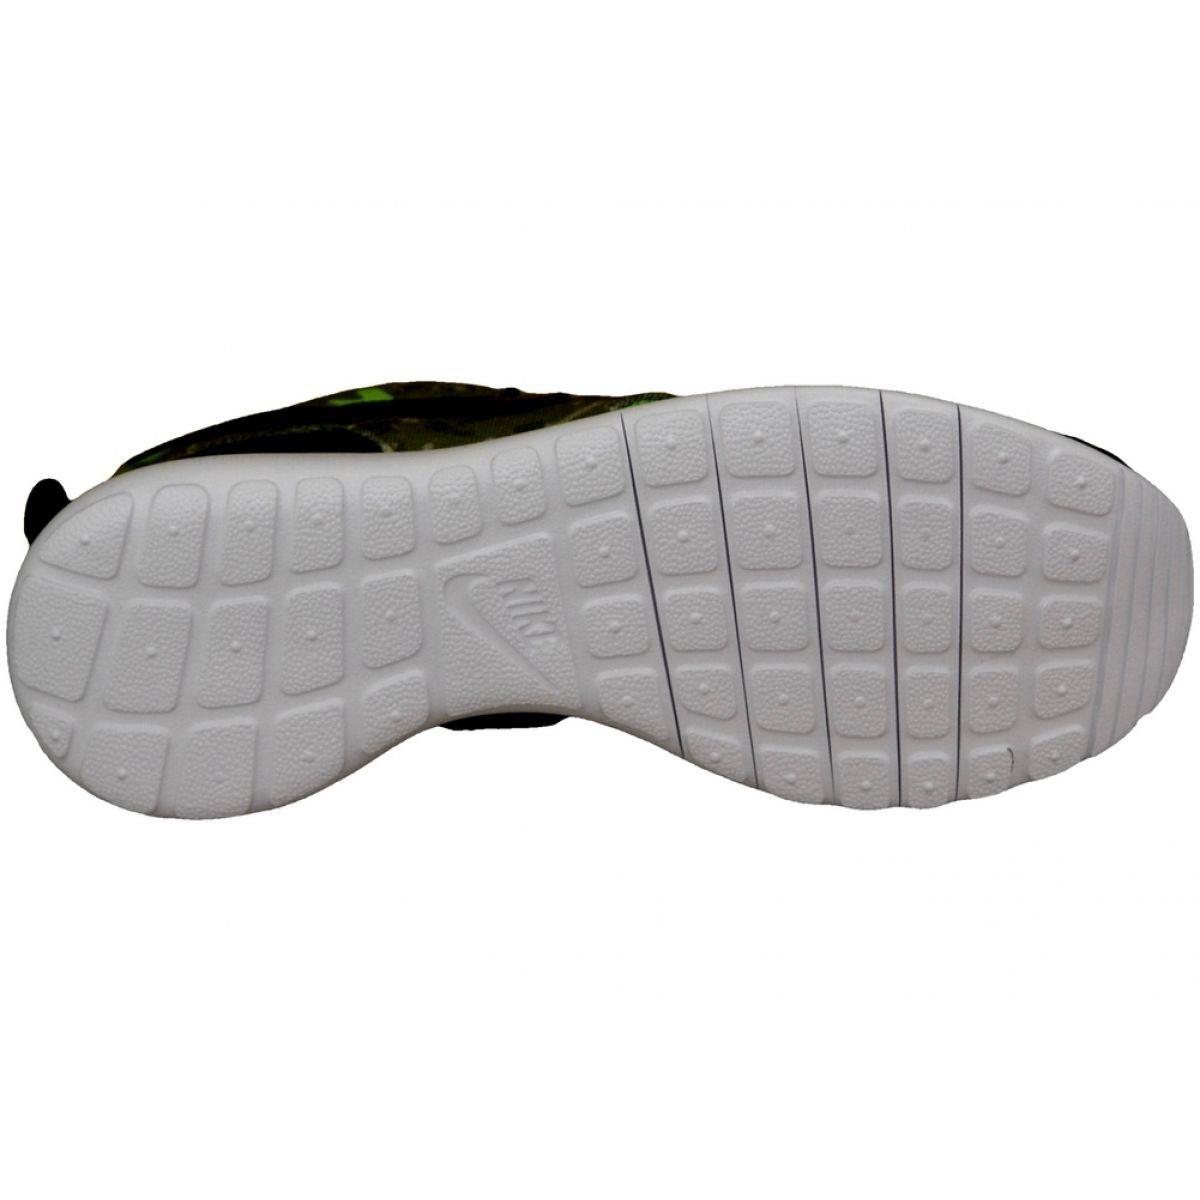 Buty Nike Roshe One Print Gs M 677782 008 Nike Roshe Roshes Mens Nike Shoes